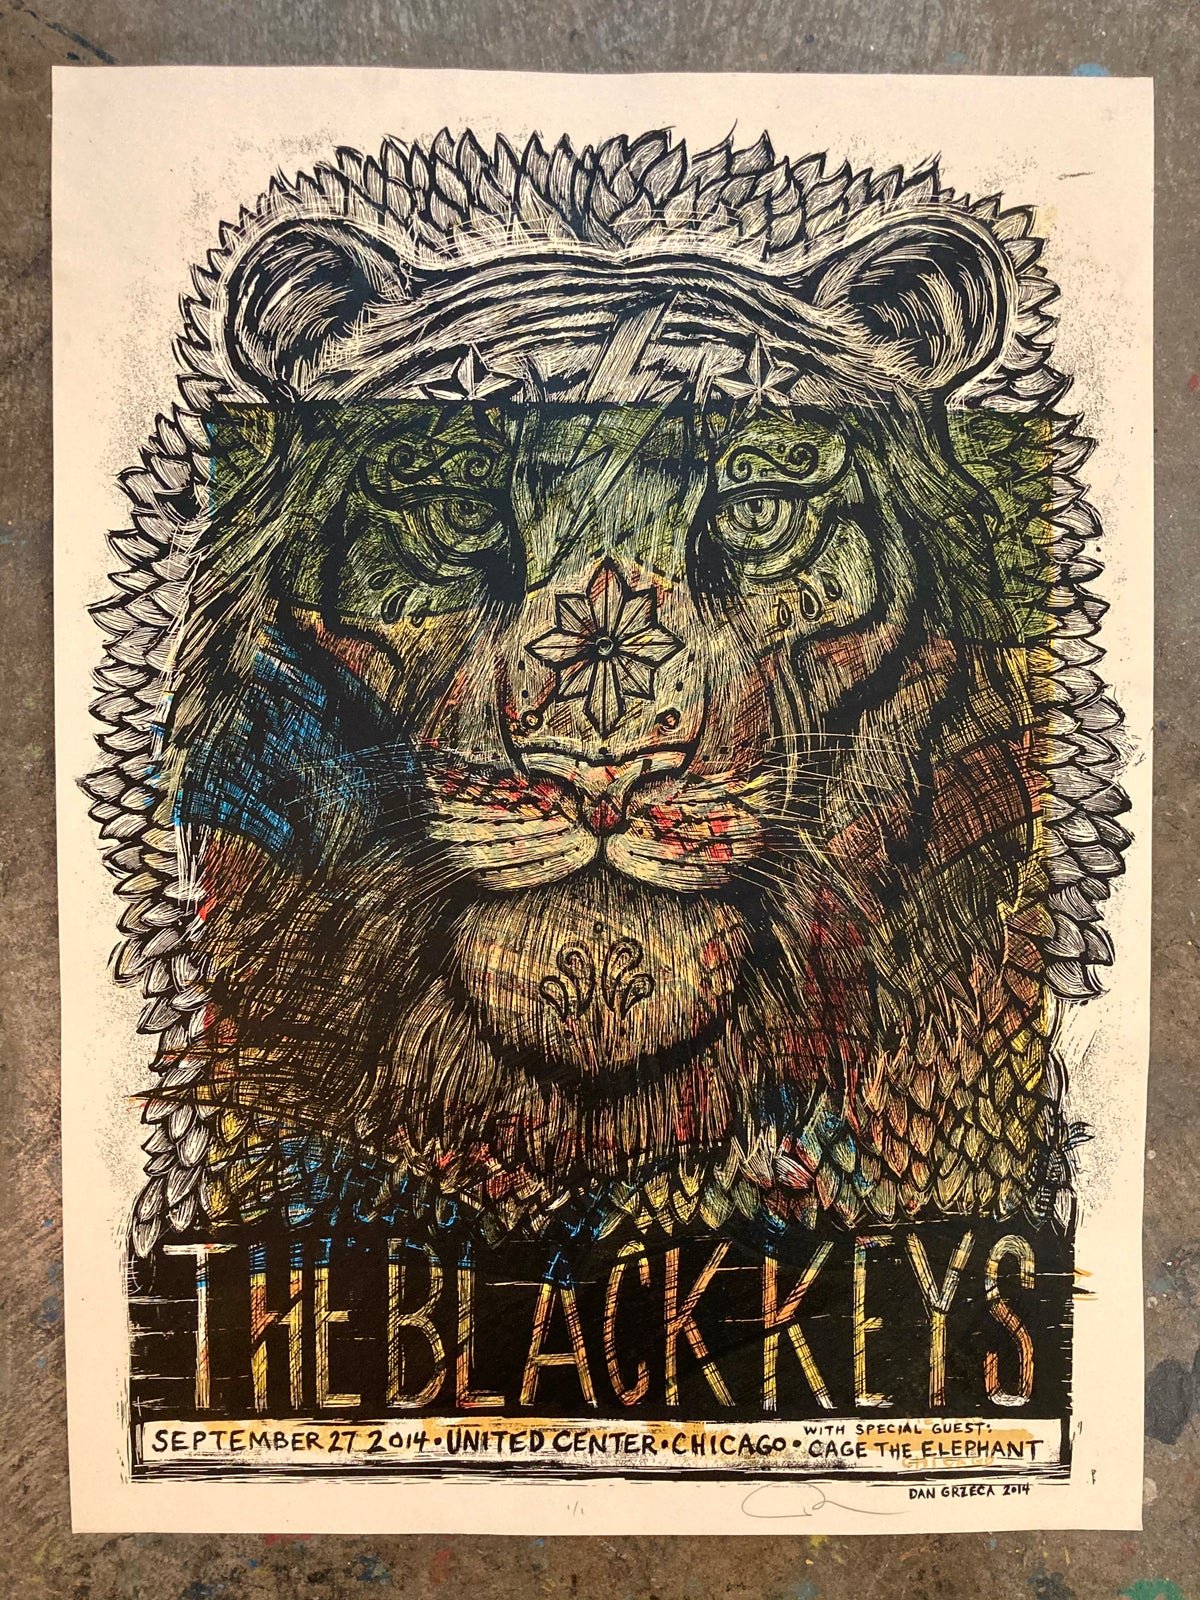 Test Print Black Keys F